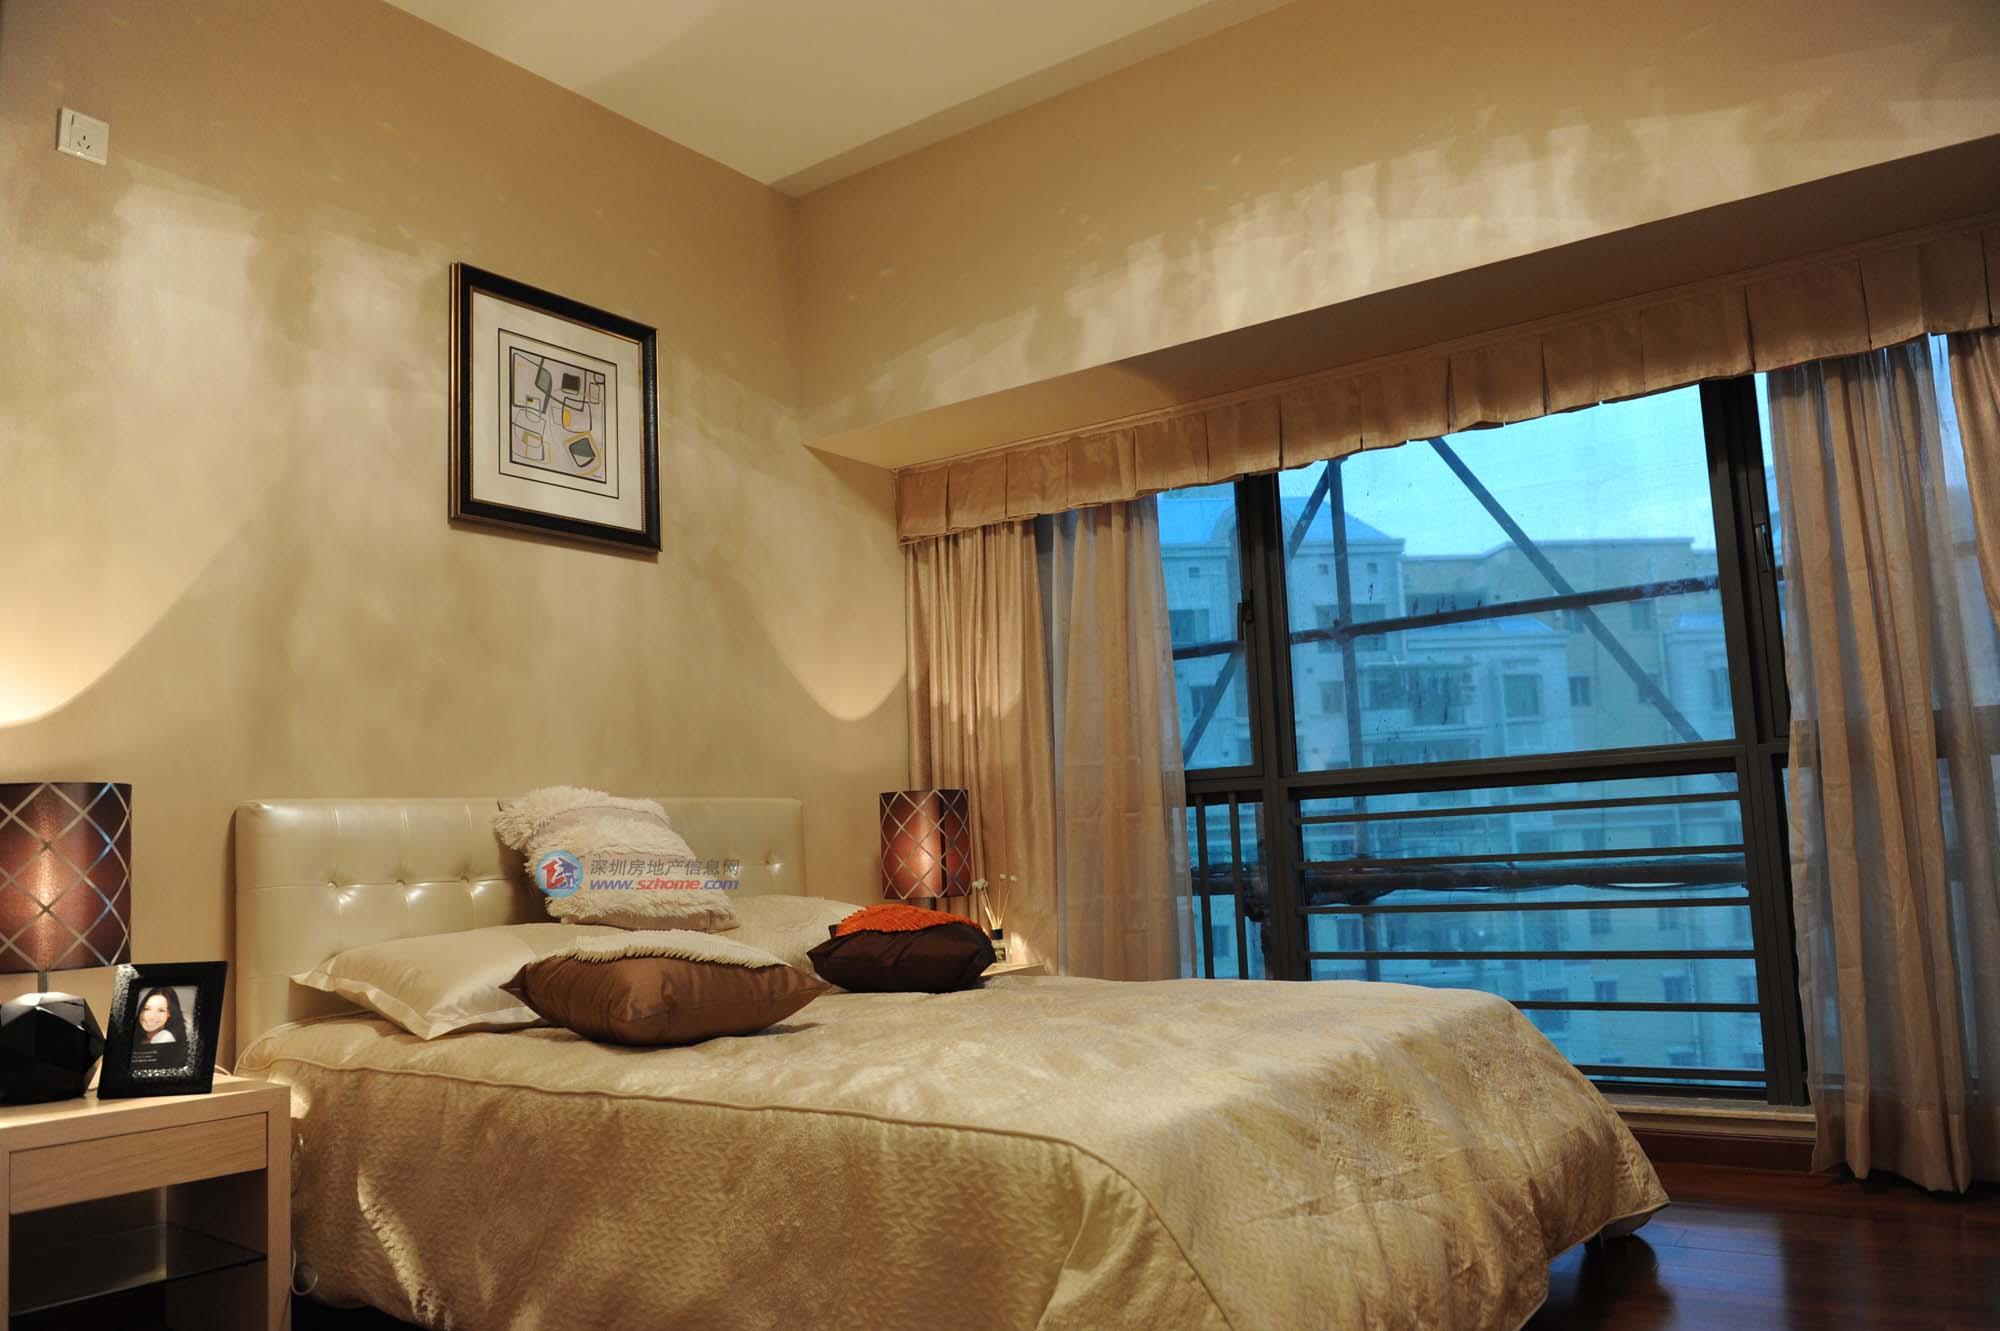 南园枫叶广场-南园枫叶公寓样板间相册-深圳房地产图片